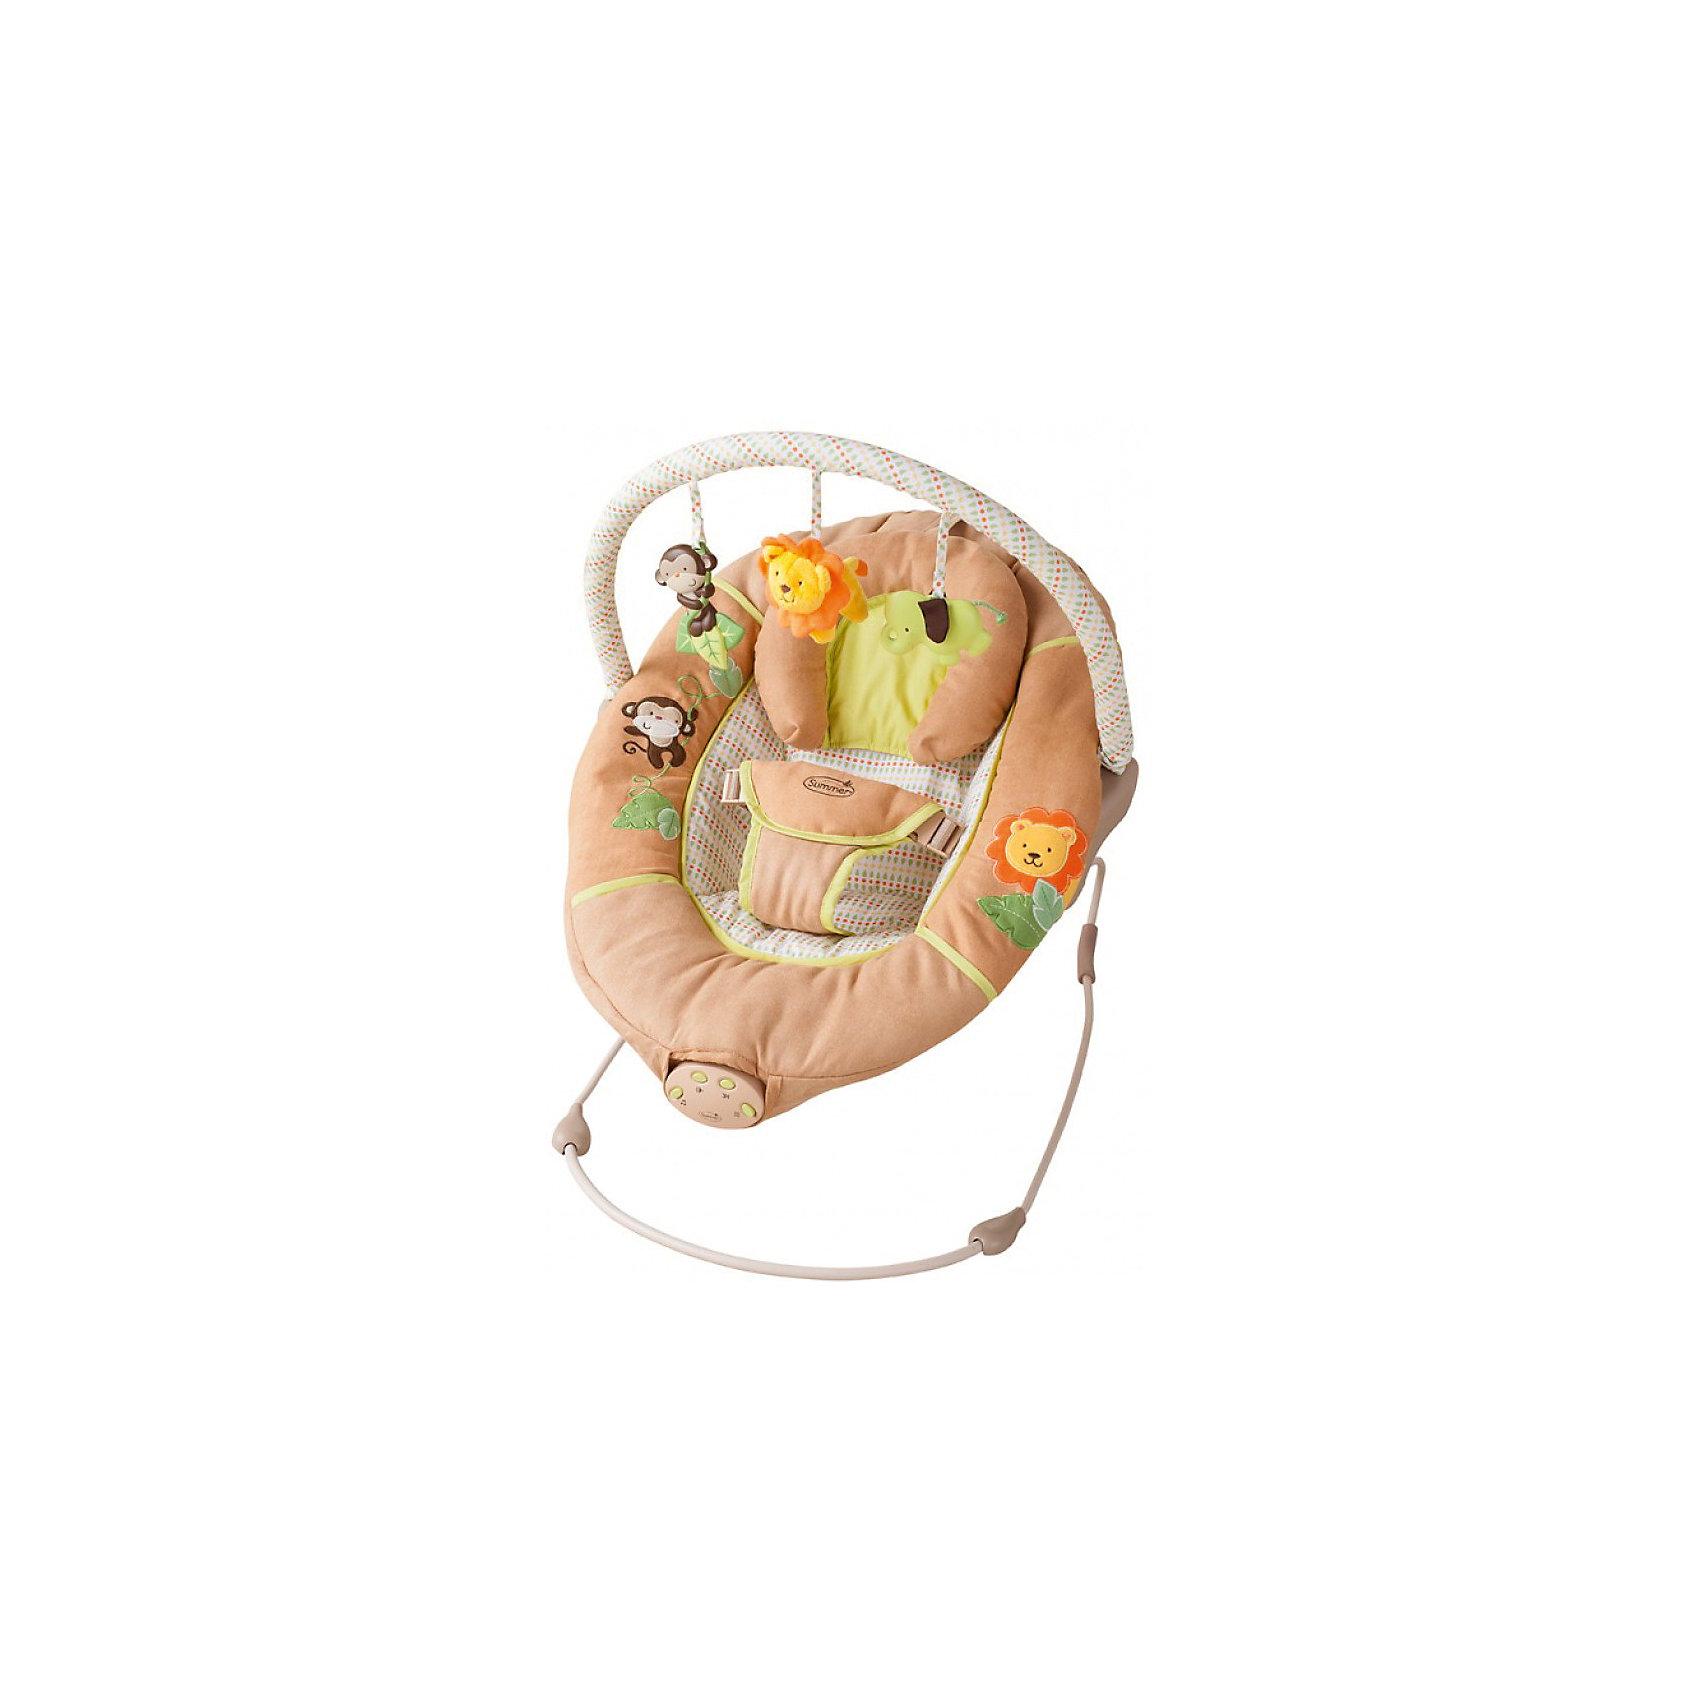 Люлька SWINGIN SAFARI, Summer InfantКачели электронные<br>Люлька SWINGIN SAFARI, Summer Infant (Саммер Инфант) <br><br><br>Характеристики: <br><br>• Удобное и широкое сиденье <br>• Компактно складывается <br>• Есть колыбельная <br>• Автоматически отключается через 15 минут <br>• Нужны 3 батарейки <br>• Для детей весом 9-11 кг. <br><br>Люлька SWINGIN SAFARI отлично подойдет для вашего малыша. Она легко собирается и разбирается. Есть тихая спокойная мелодия, которая поможет вашему малышу быстро заснуть. Спальное место оборудовано специальной поддерживающей подушкой для головы. Нейтральная текстильная расцветка отлично подойдет для любой детской комнатки. Малышу в этой люльке будет очень комфортно и уютно отдыхать. А для родителей люлька станет незаменимой помощницей. <br><br>Люльку SWINGIN SAFARI, Summer Infant (Саммер Инфант) вы можете приобрести в нашем интернет-магазине<br><br>Ширина мм: 700<br>Глубина мм: 520<br>Высота мм: 450<br>Вес г: 2800<br>Возраст от месяцев: 0<br>Возраст до месяцев: 12<br>Пол: Унисекс<br>Возраст: Детский<br>SKU: 3950361